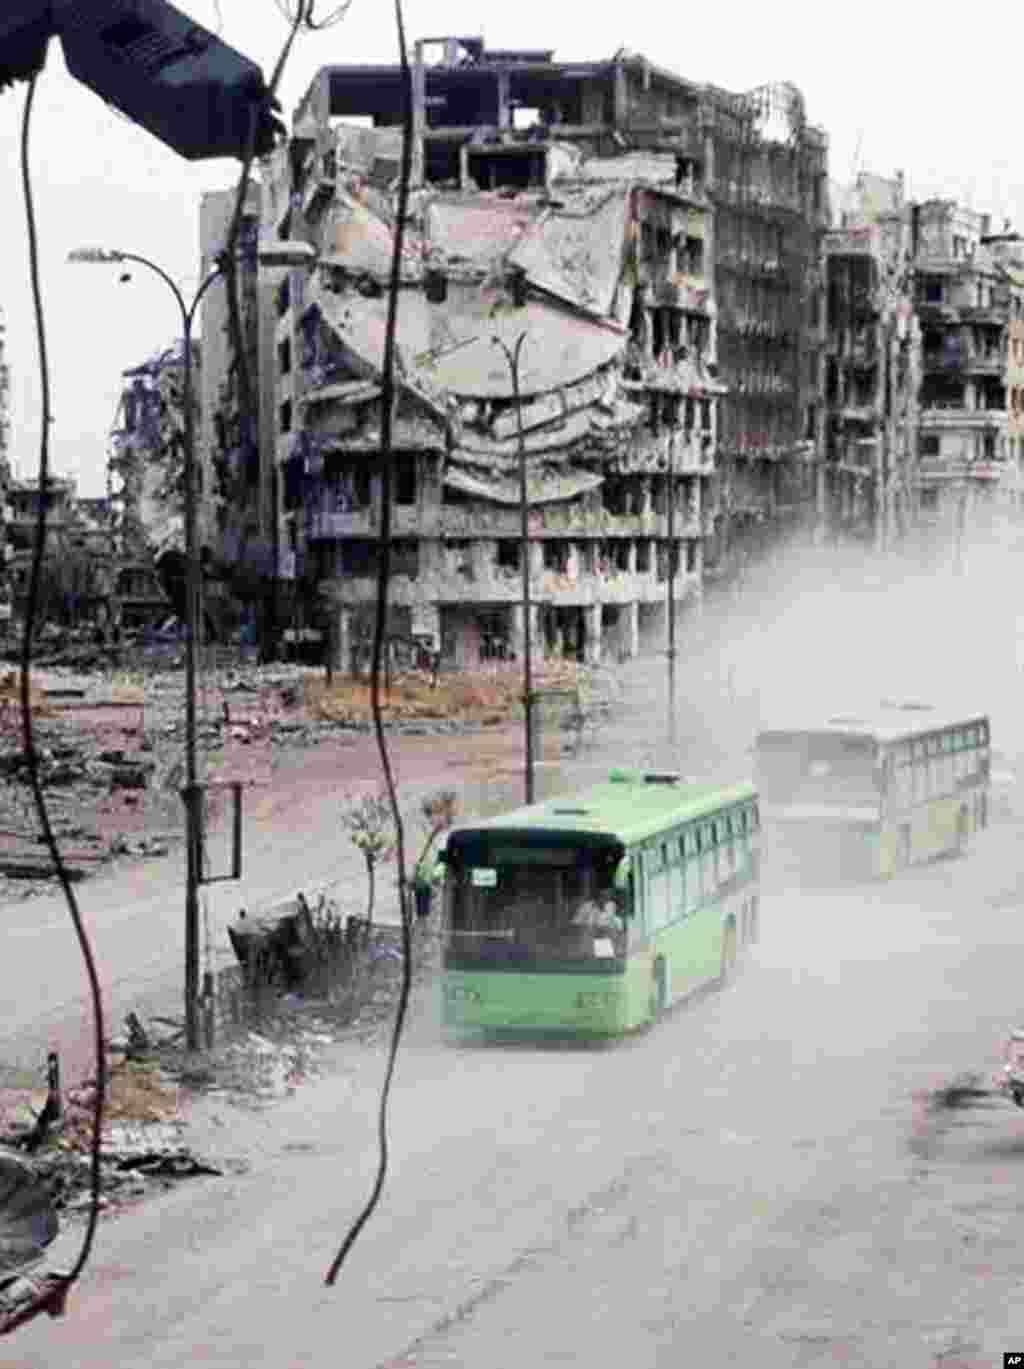 Bus-bus yang membawa para pejuang yang tergabung dalam Tentara Pembebasan Suriah, terlihat tengah meninggalkan kota Homs, 7 Mei 2014. (Foto: AP/ Komite Koordinasi Wilayah Khalidiya di Homs).